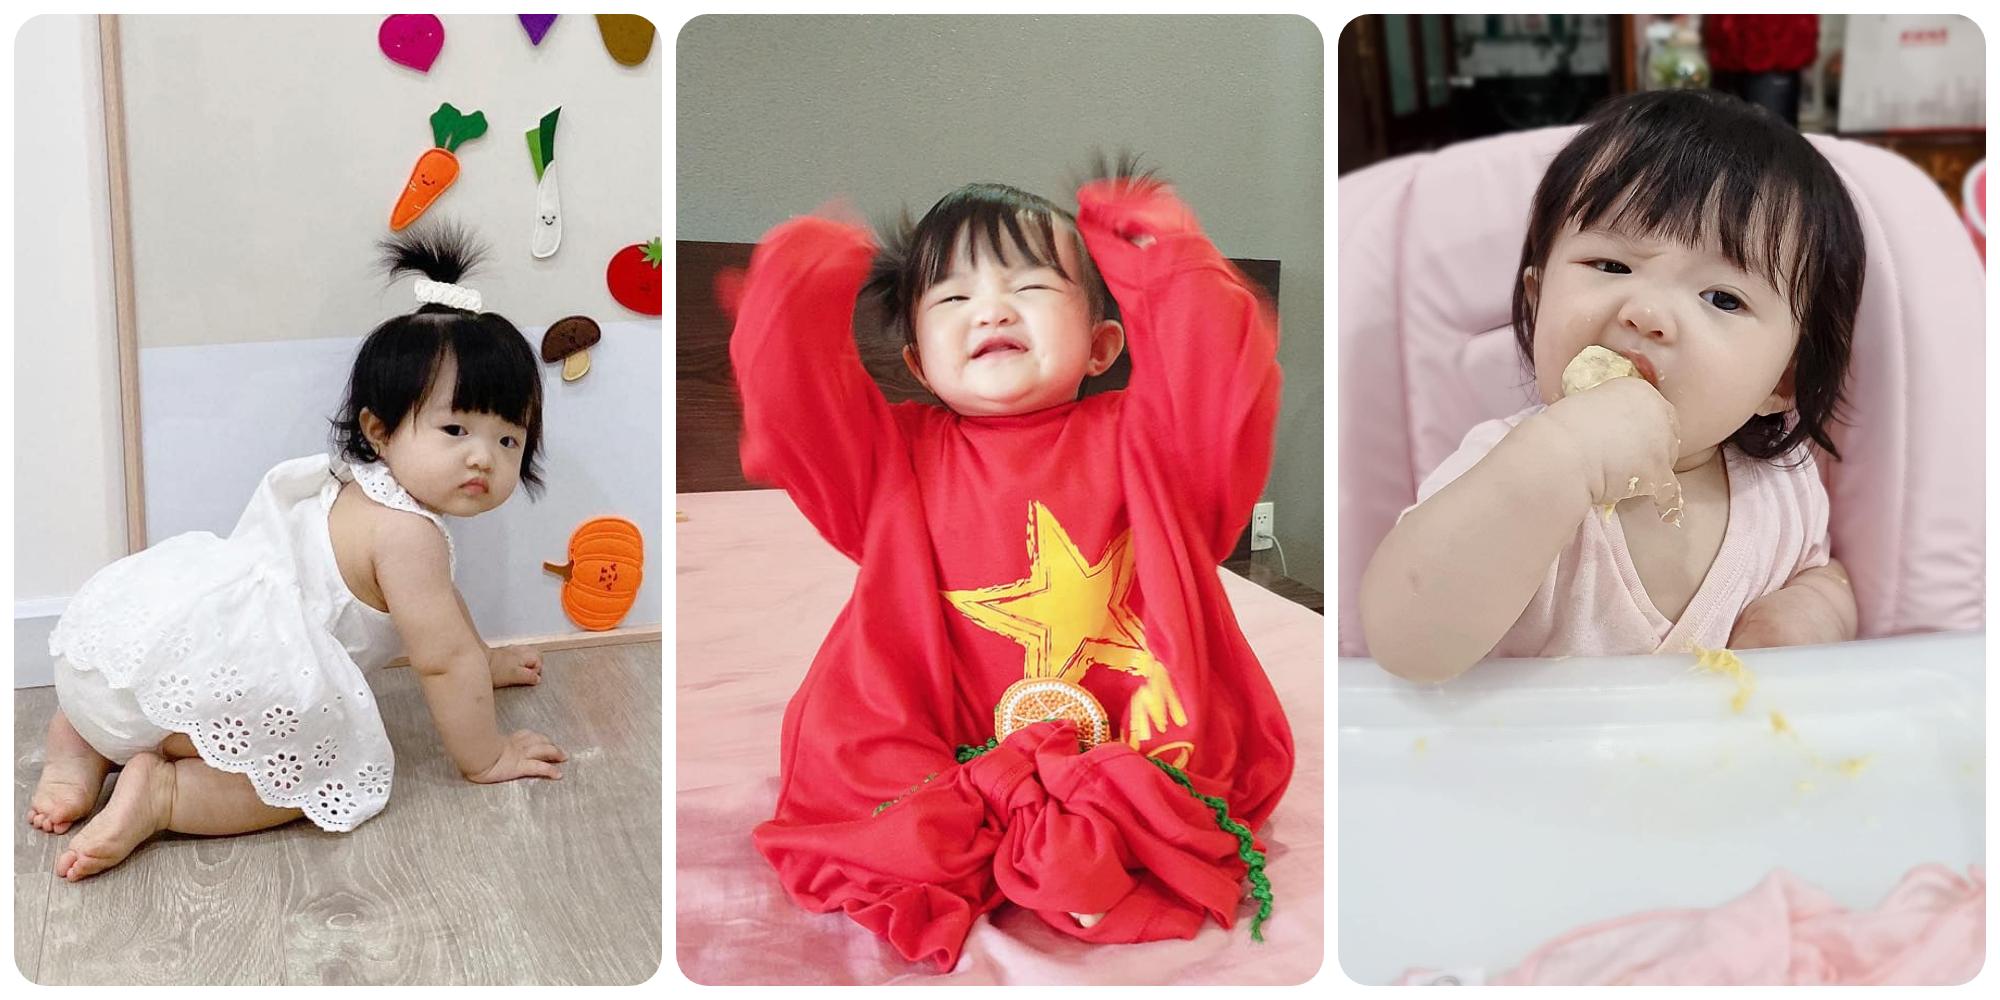 Sao Việt dìm hàng con cưng: Đông Nhi, Võ Hạ Trâm cộng lại cũng không qua nổi Lê Dương Bảo Lâm - Ảnh 2